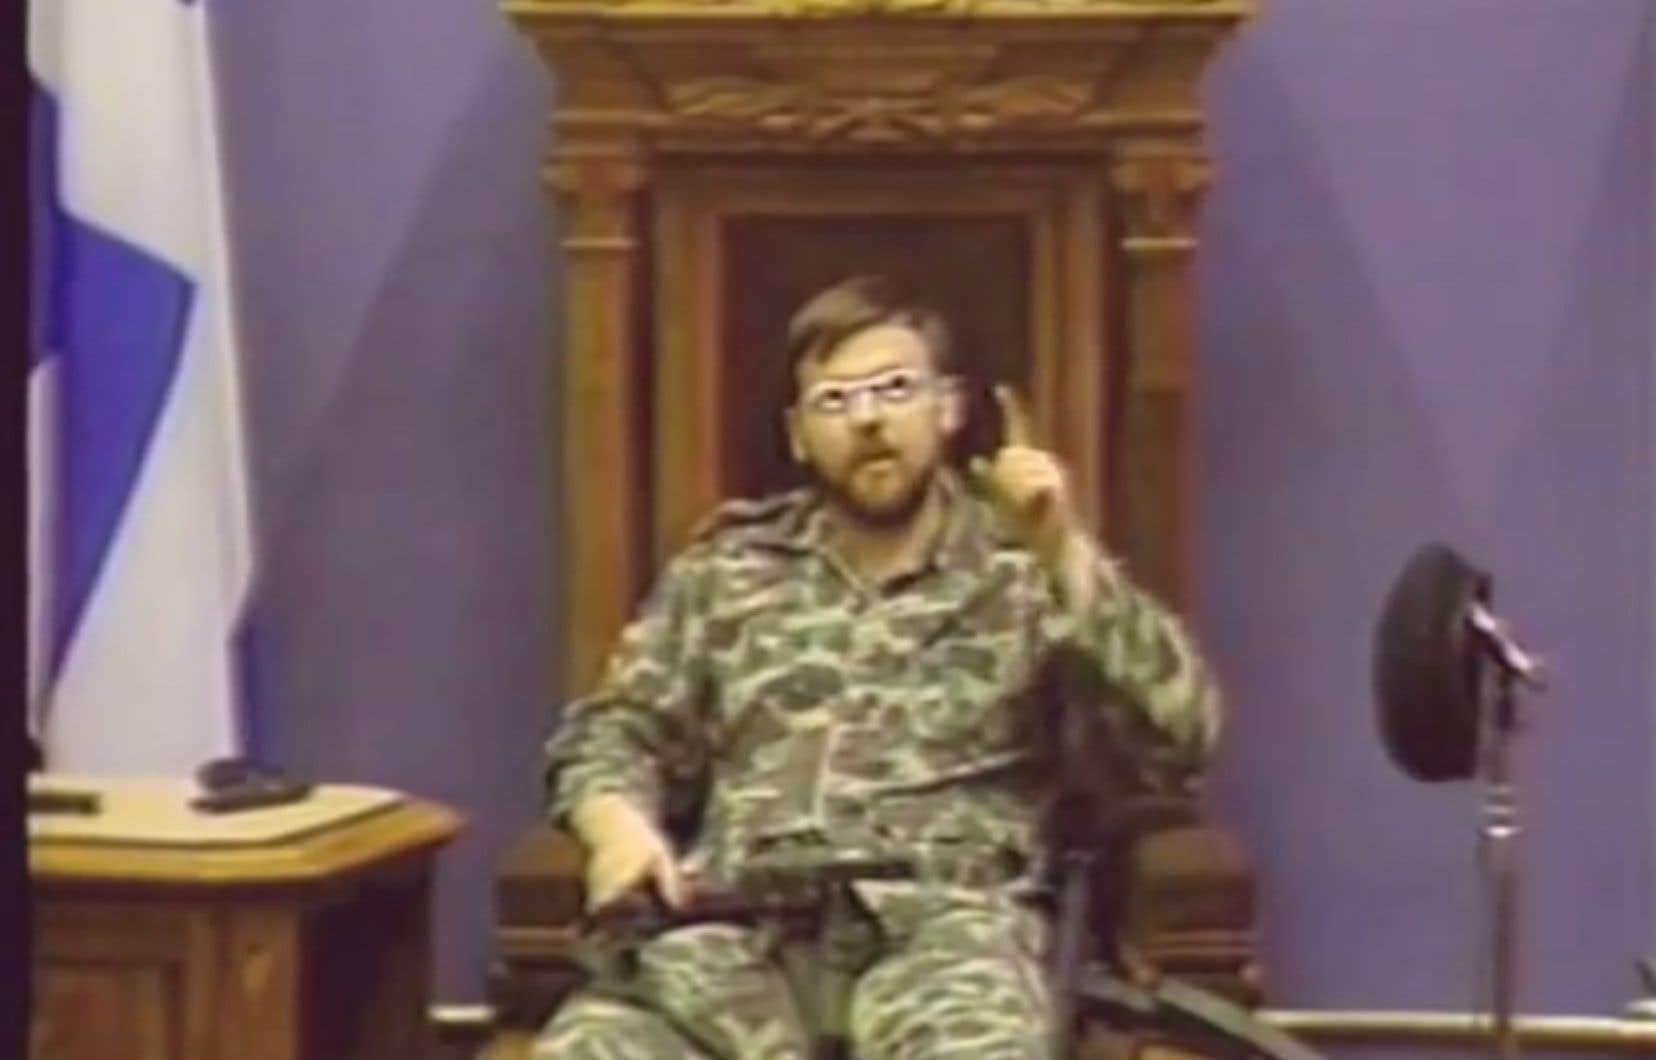 Le 8mai 1984,le caporal Denis Lortie, des Forces armées canadiennes, est entré armé dans l'hôtel du Parlement à Québec, avec l'intentiontuer le premier ministre René Lévesque et des députés du Parti québécois.